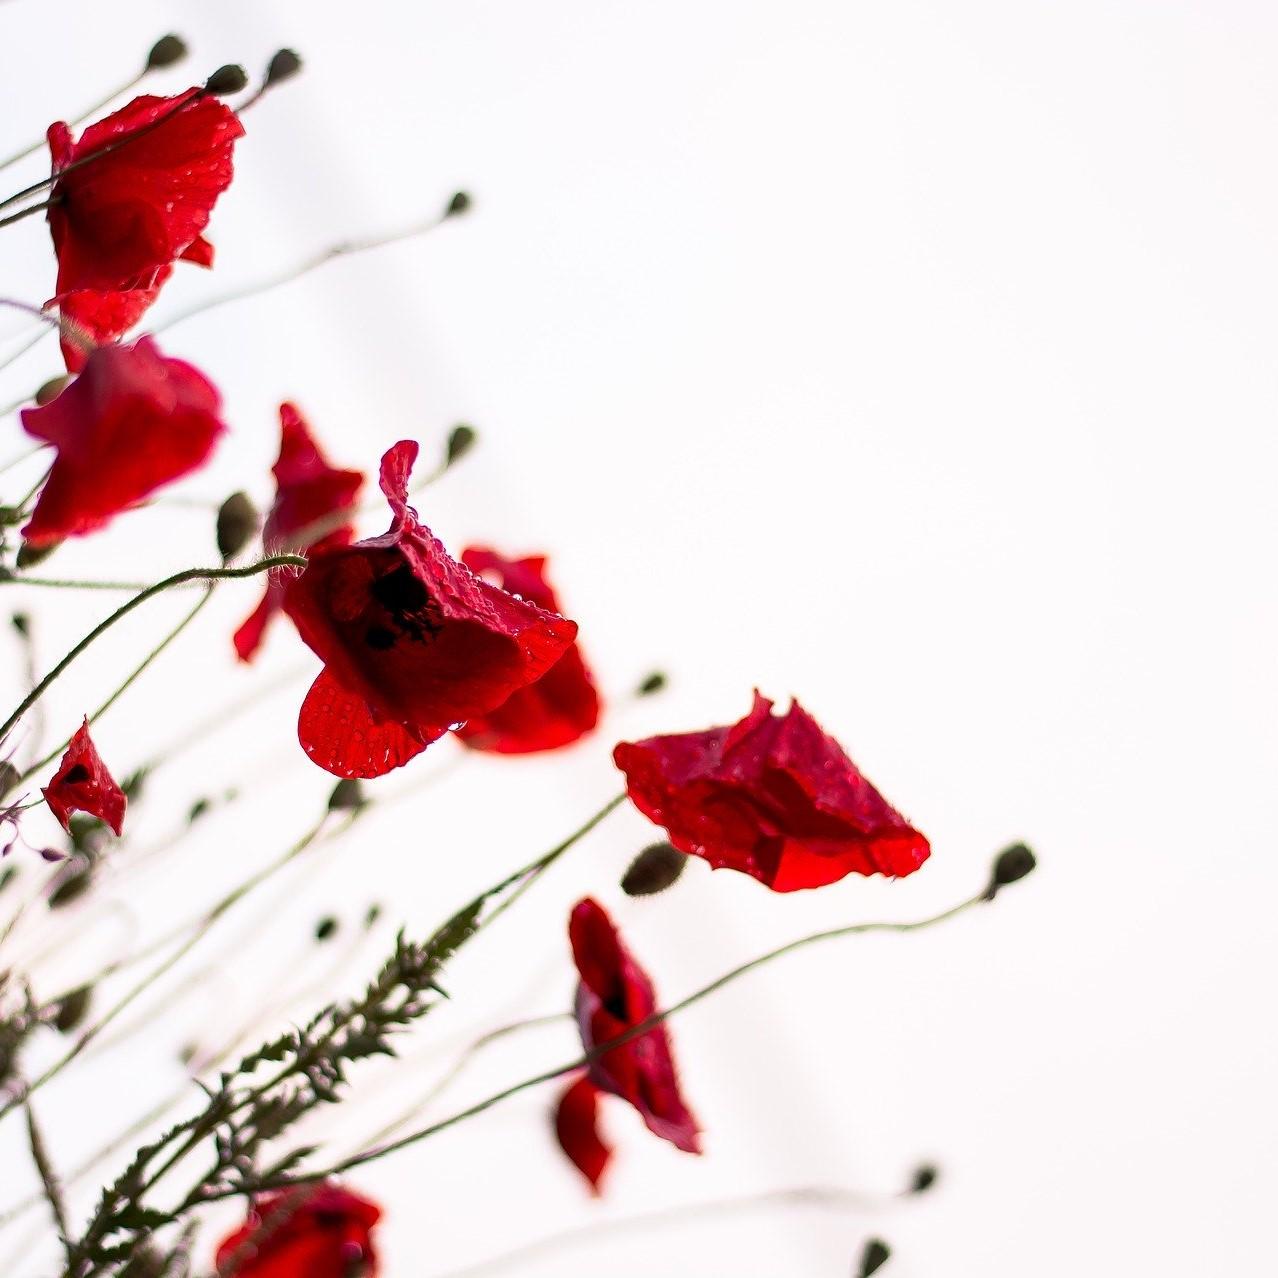 bloom-1838337_1920